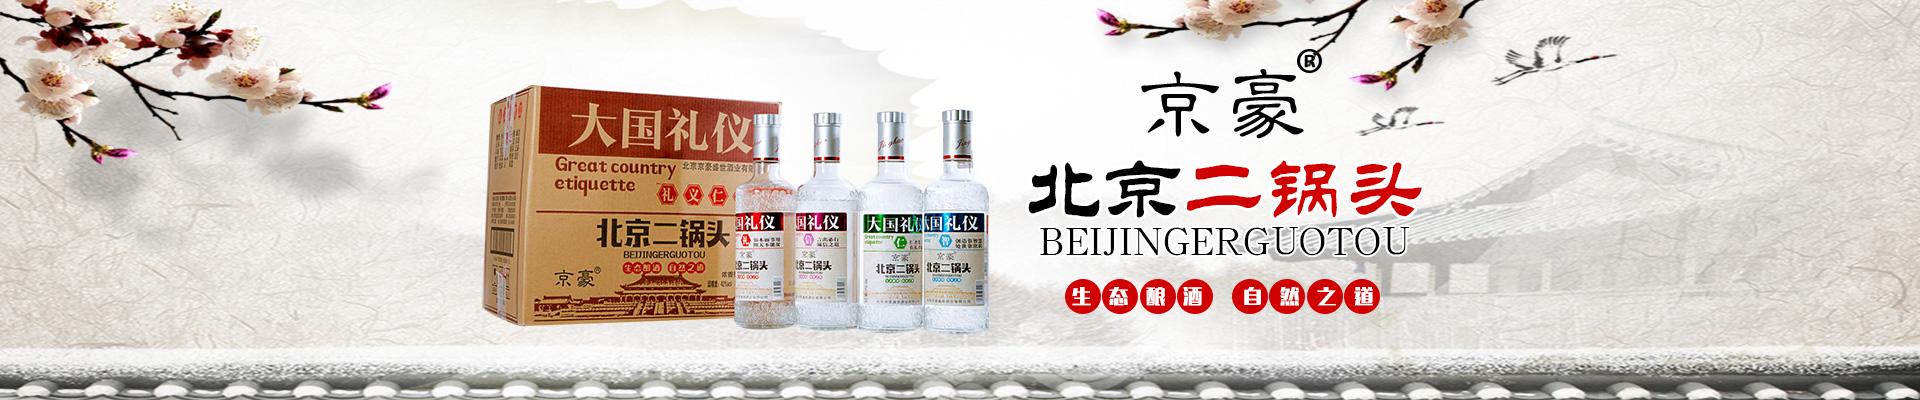 北京京豪盛世酒业有限公司